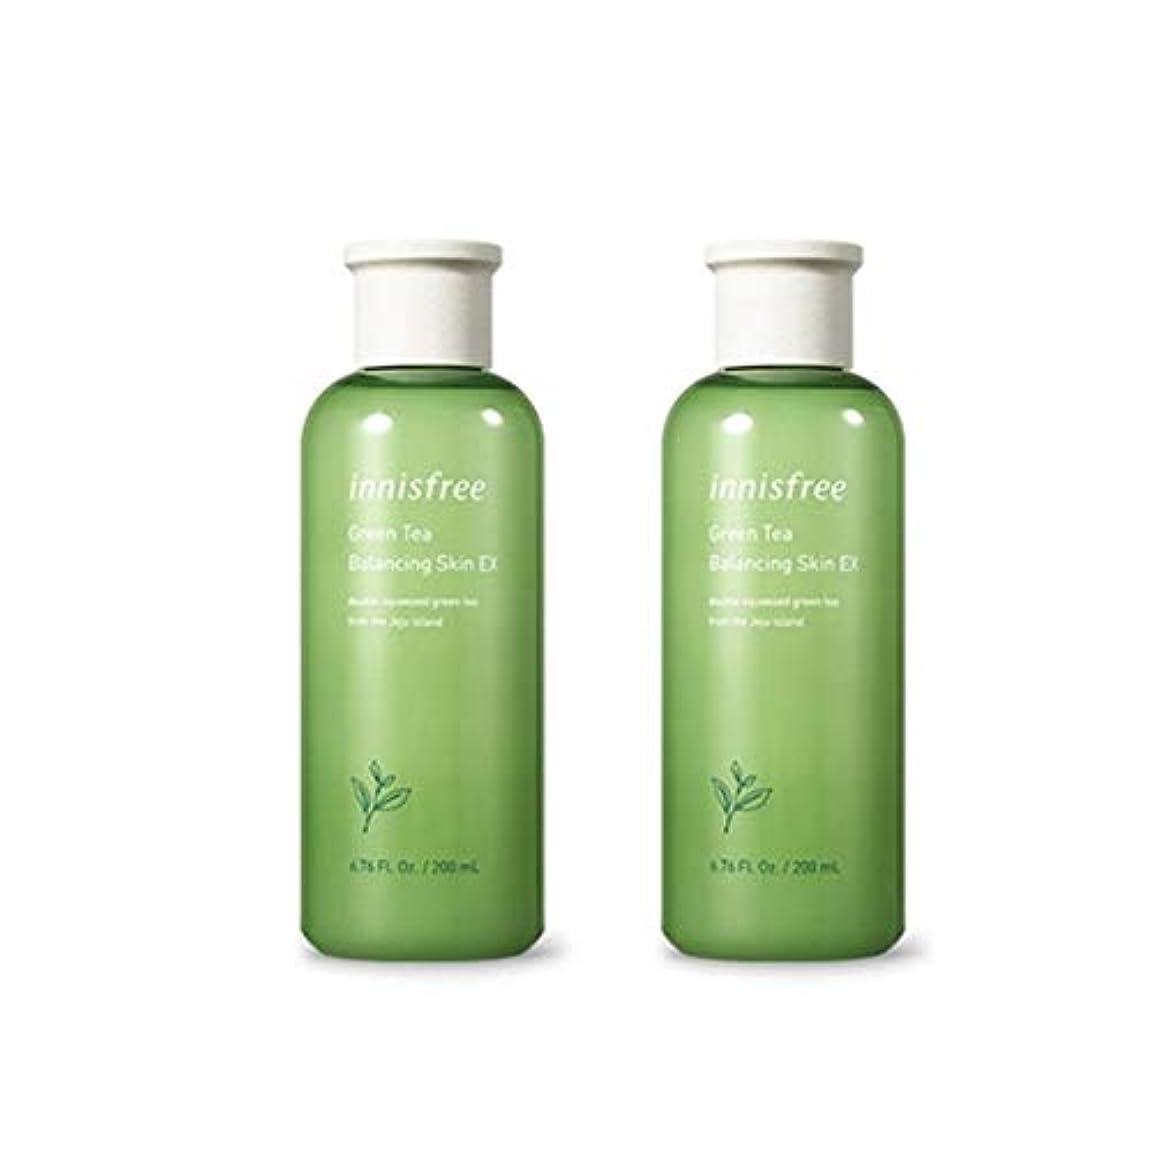 アクセント好ましい能力イニスフリーグリーンティーバランシングスキンEX 200mlx2本セット韓国コスメ、innisfree Green Tea Balancing Skin EX 200ml x 2ea Set Korean Cosmetics...